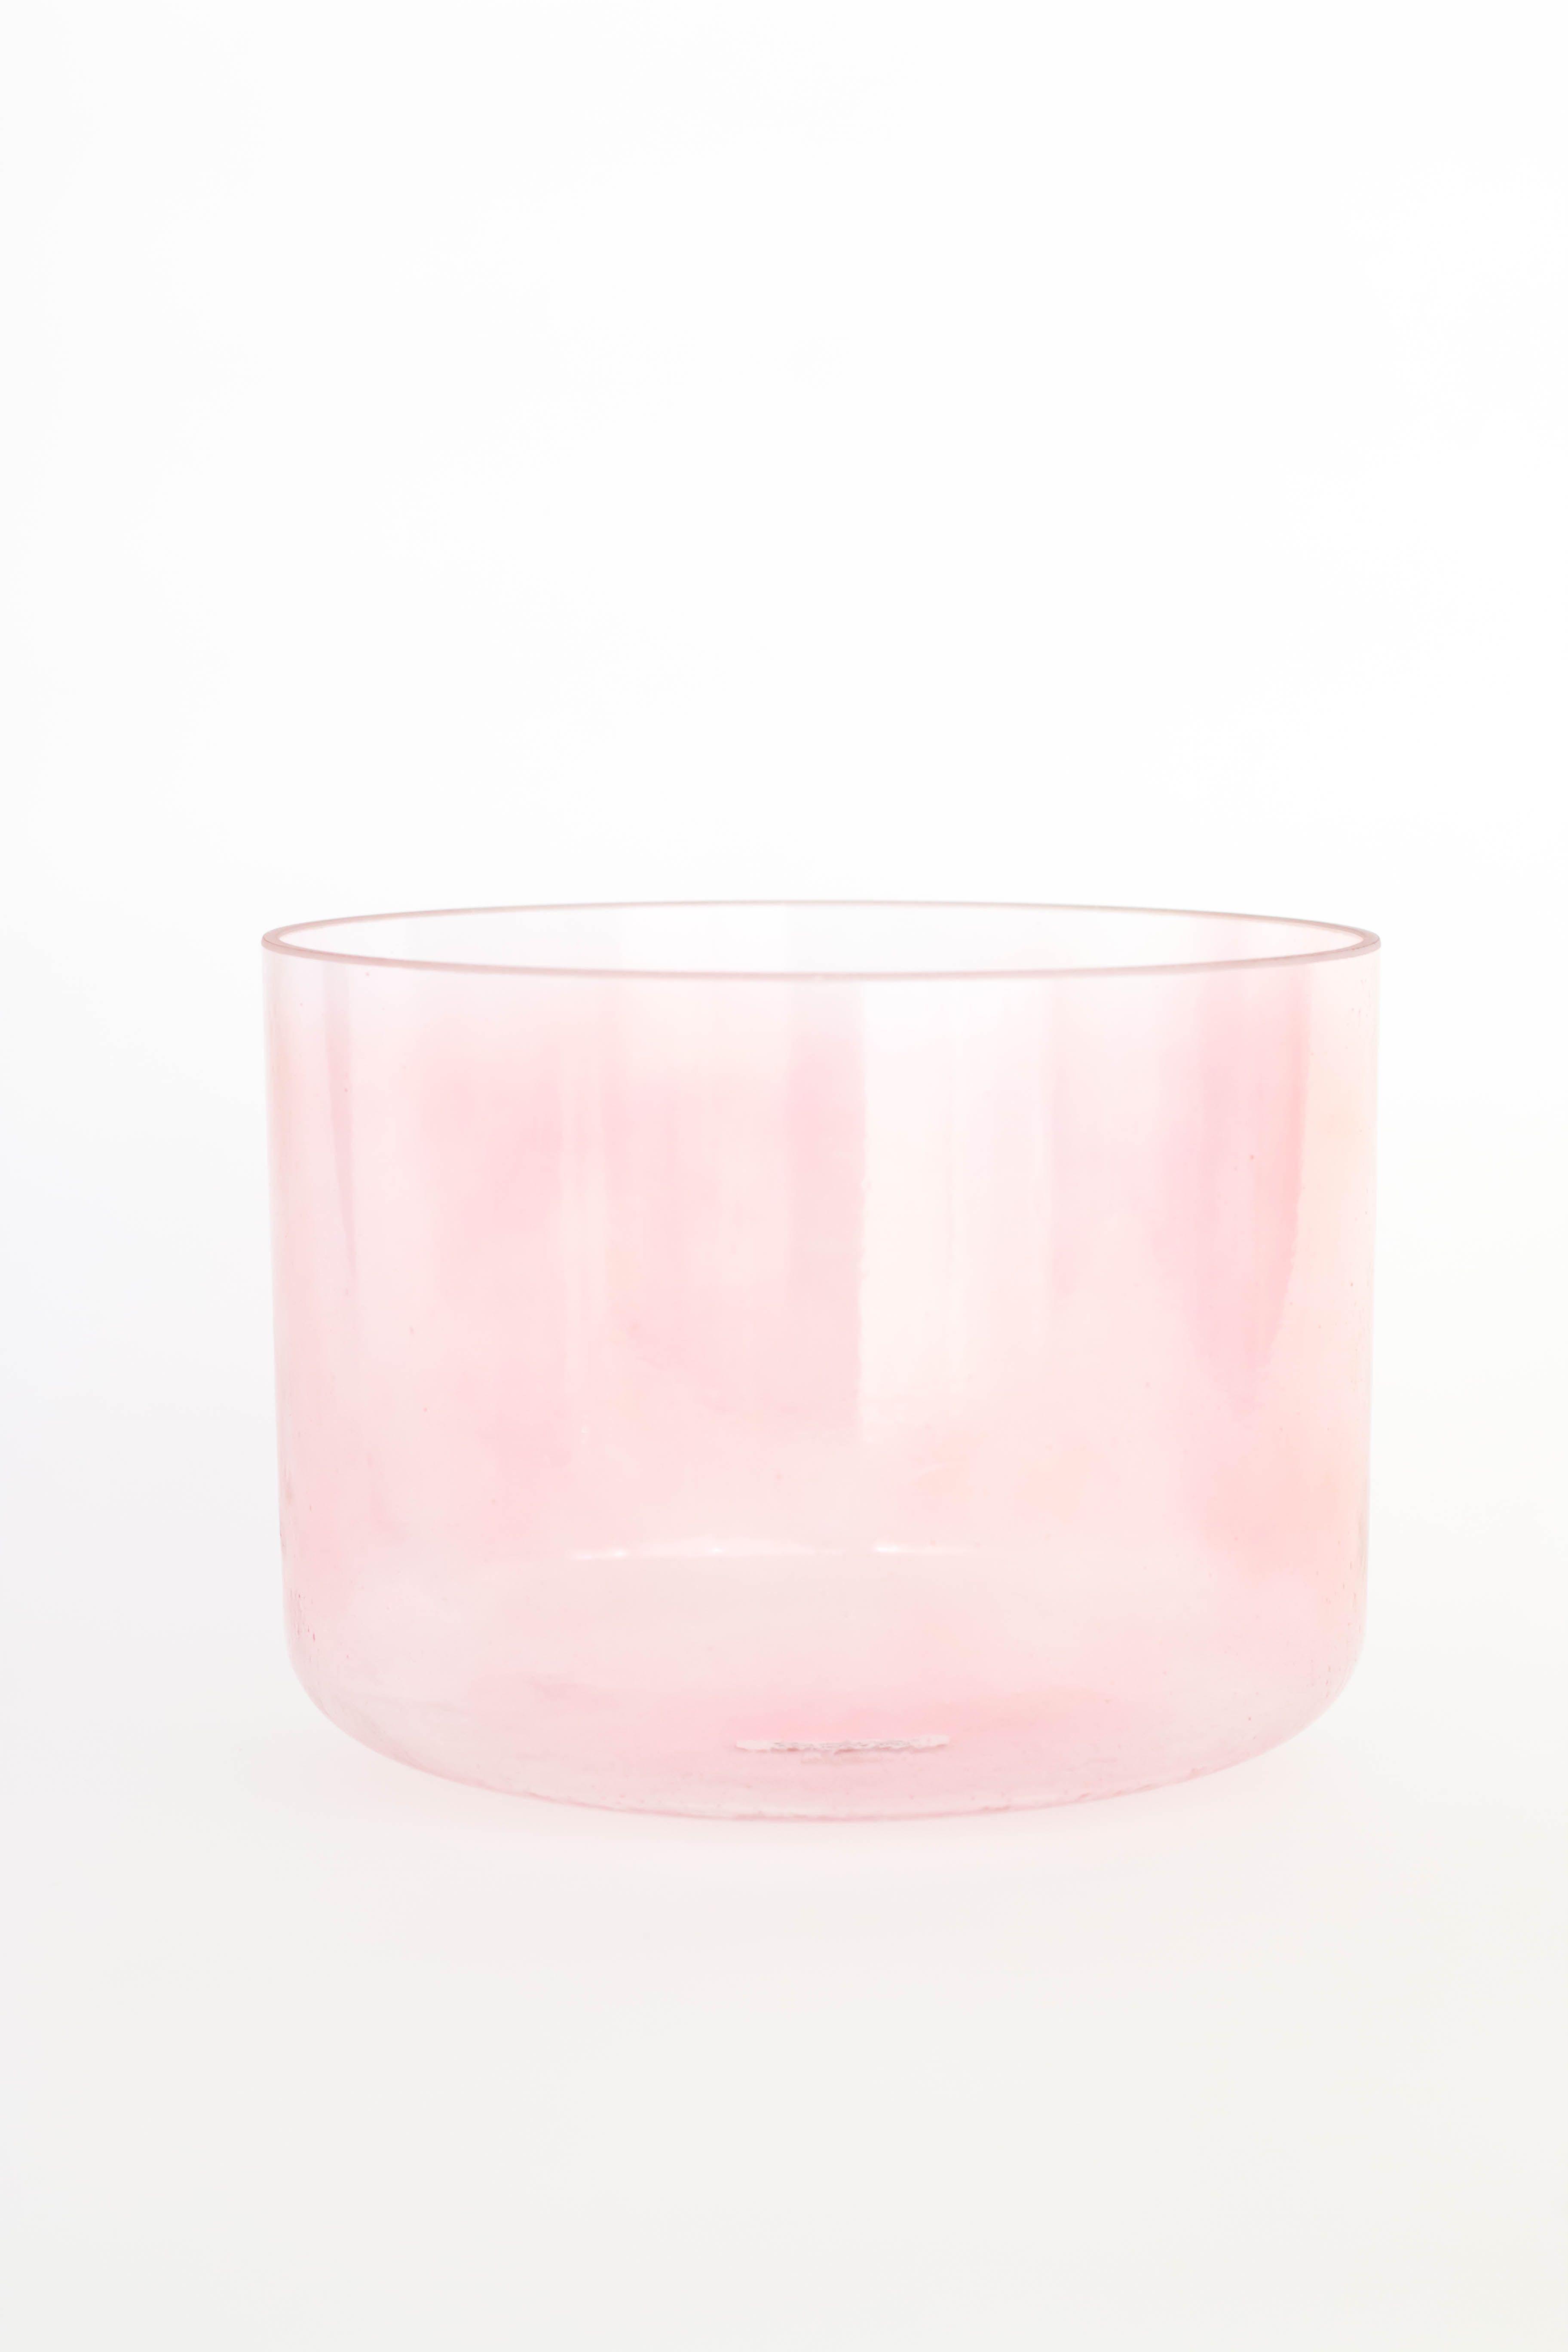 45+ Rose quartz singing bowl ideas in 2021